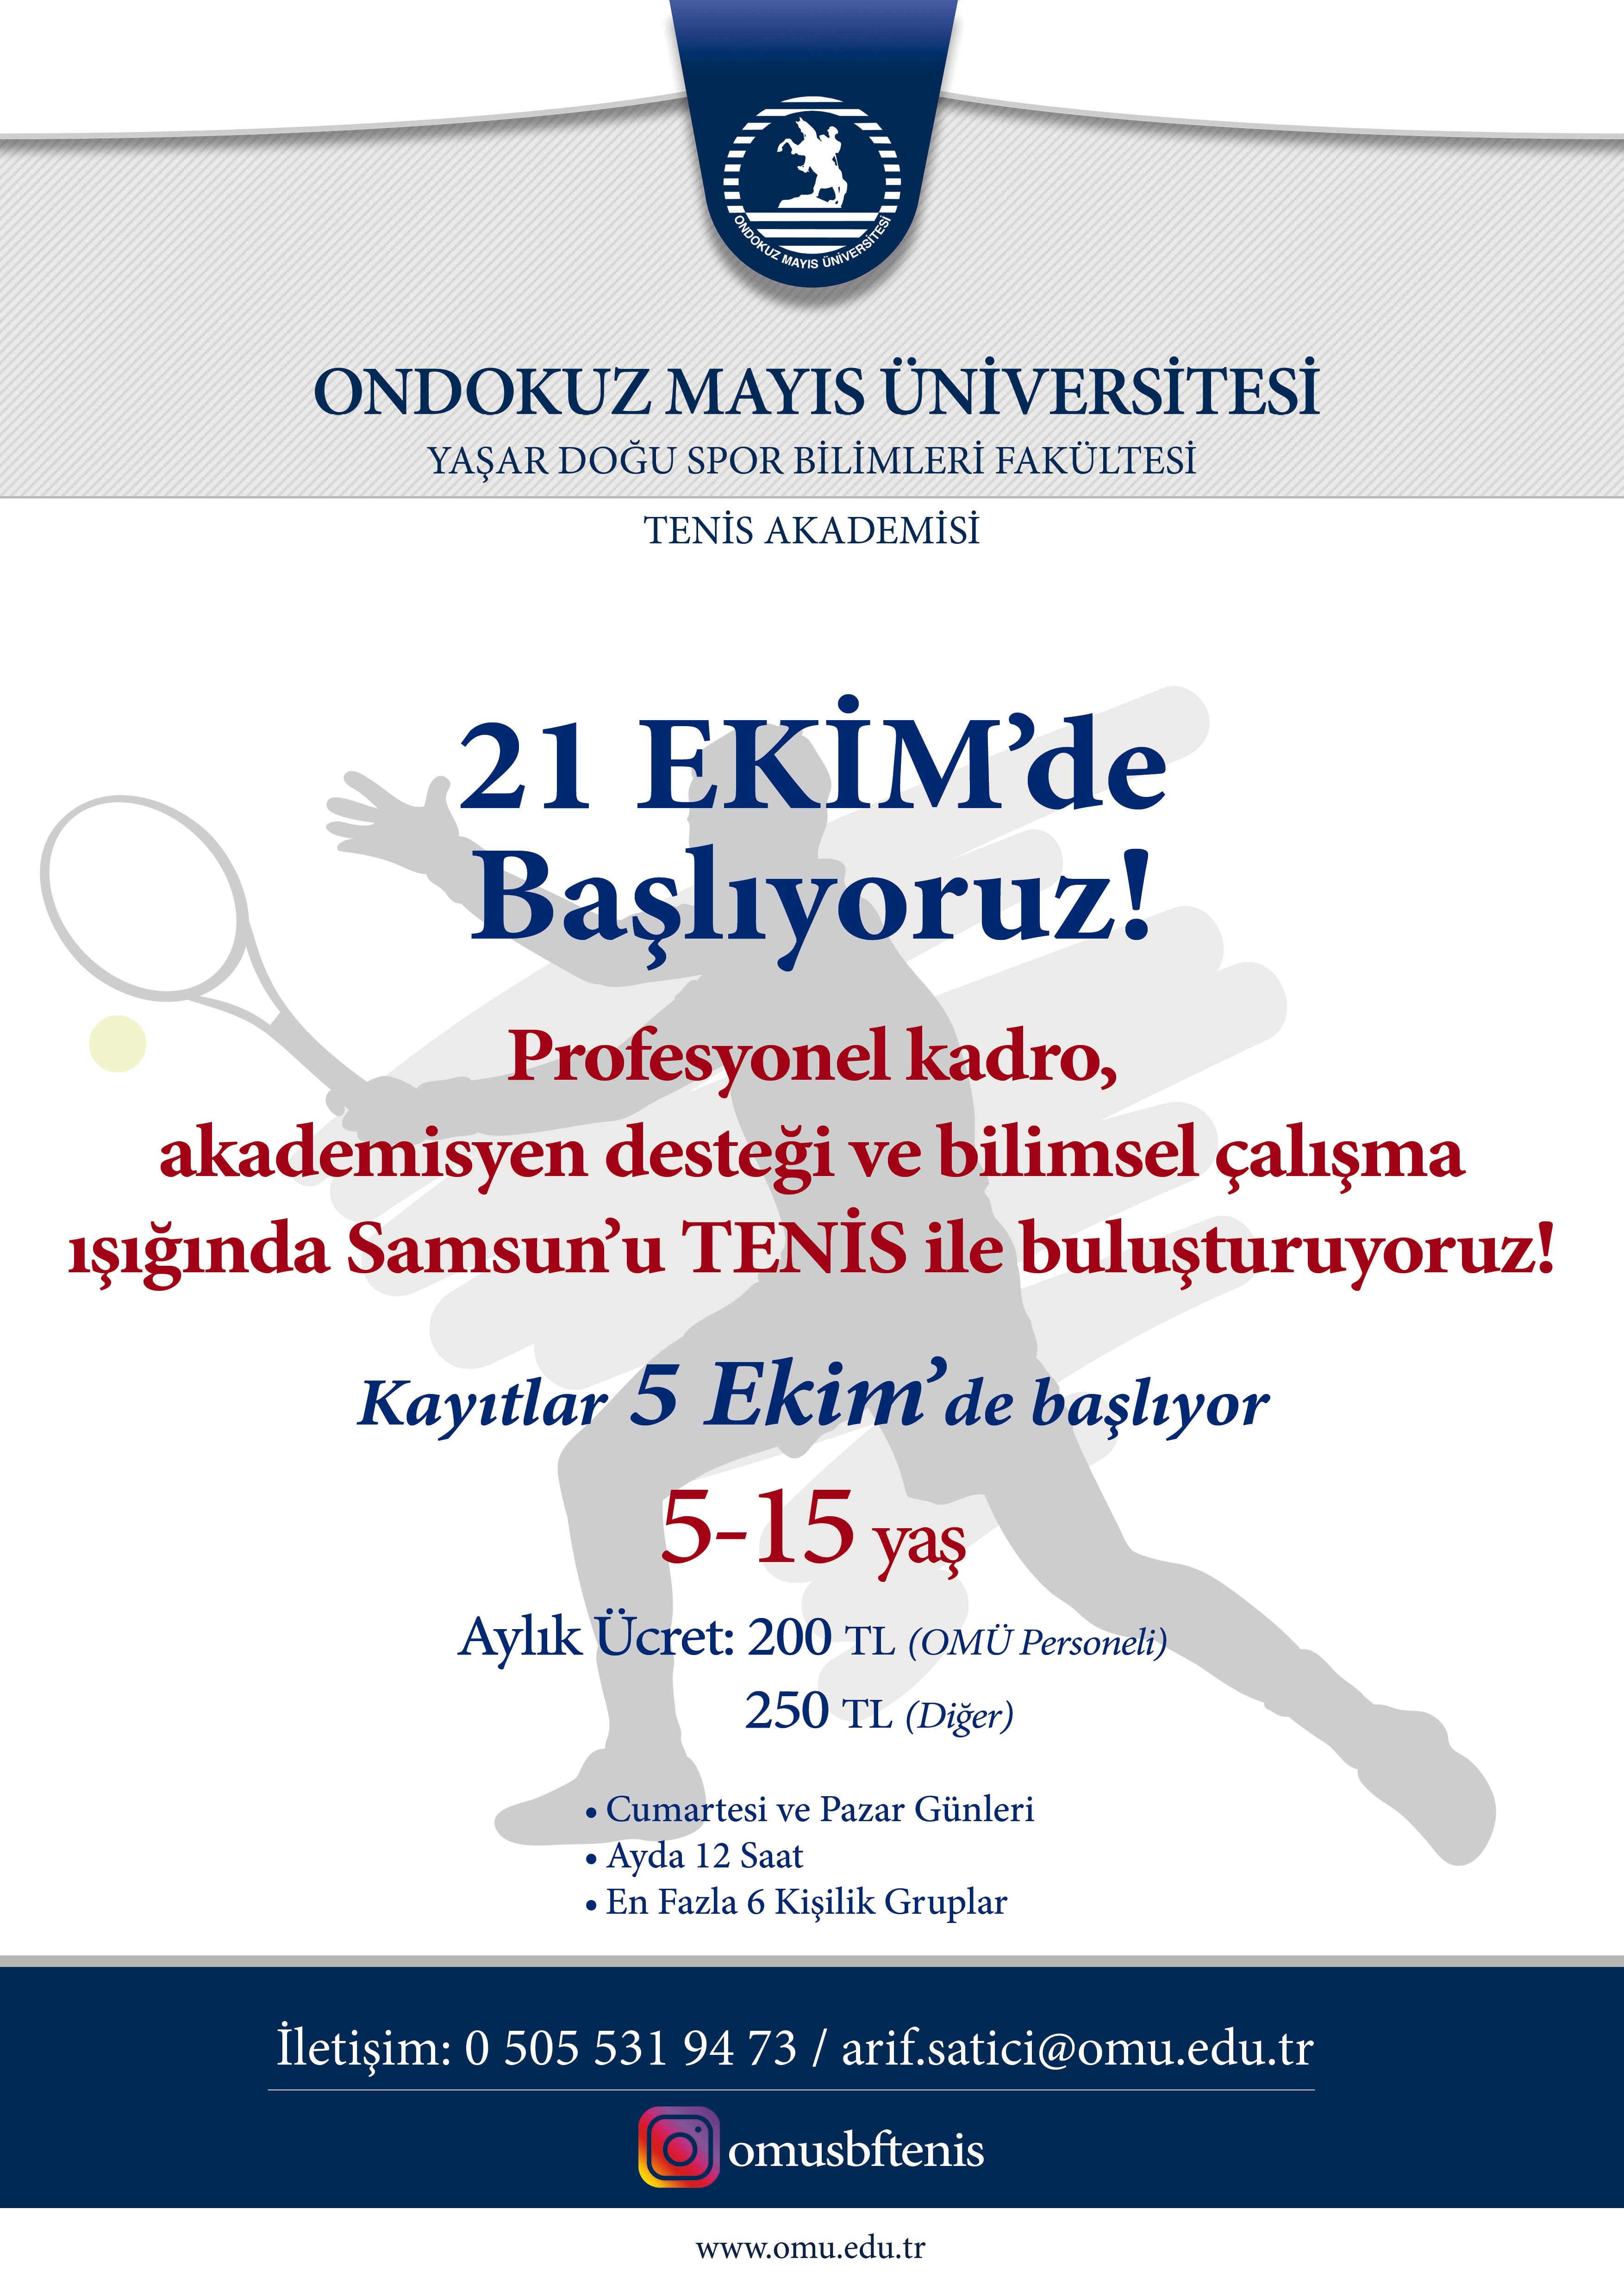 http://www.omu.edu.tr/sites/default/files/files/tenis_akademisi_basliyor/yasardogusporbil_.jpg